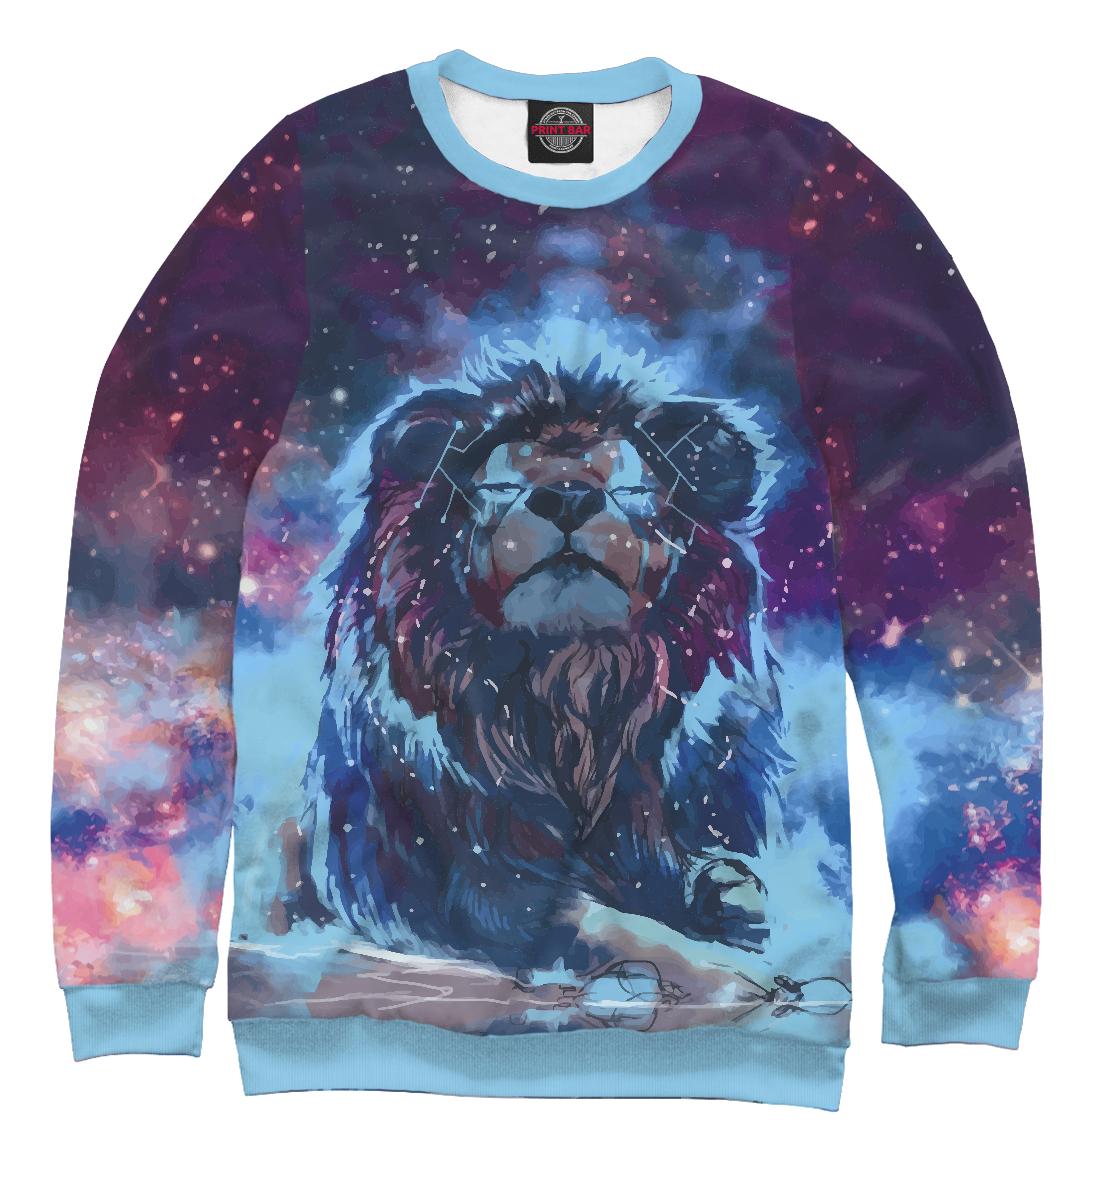 Celestial lions